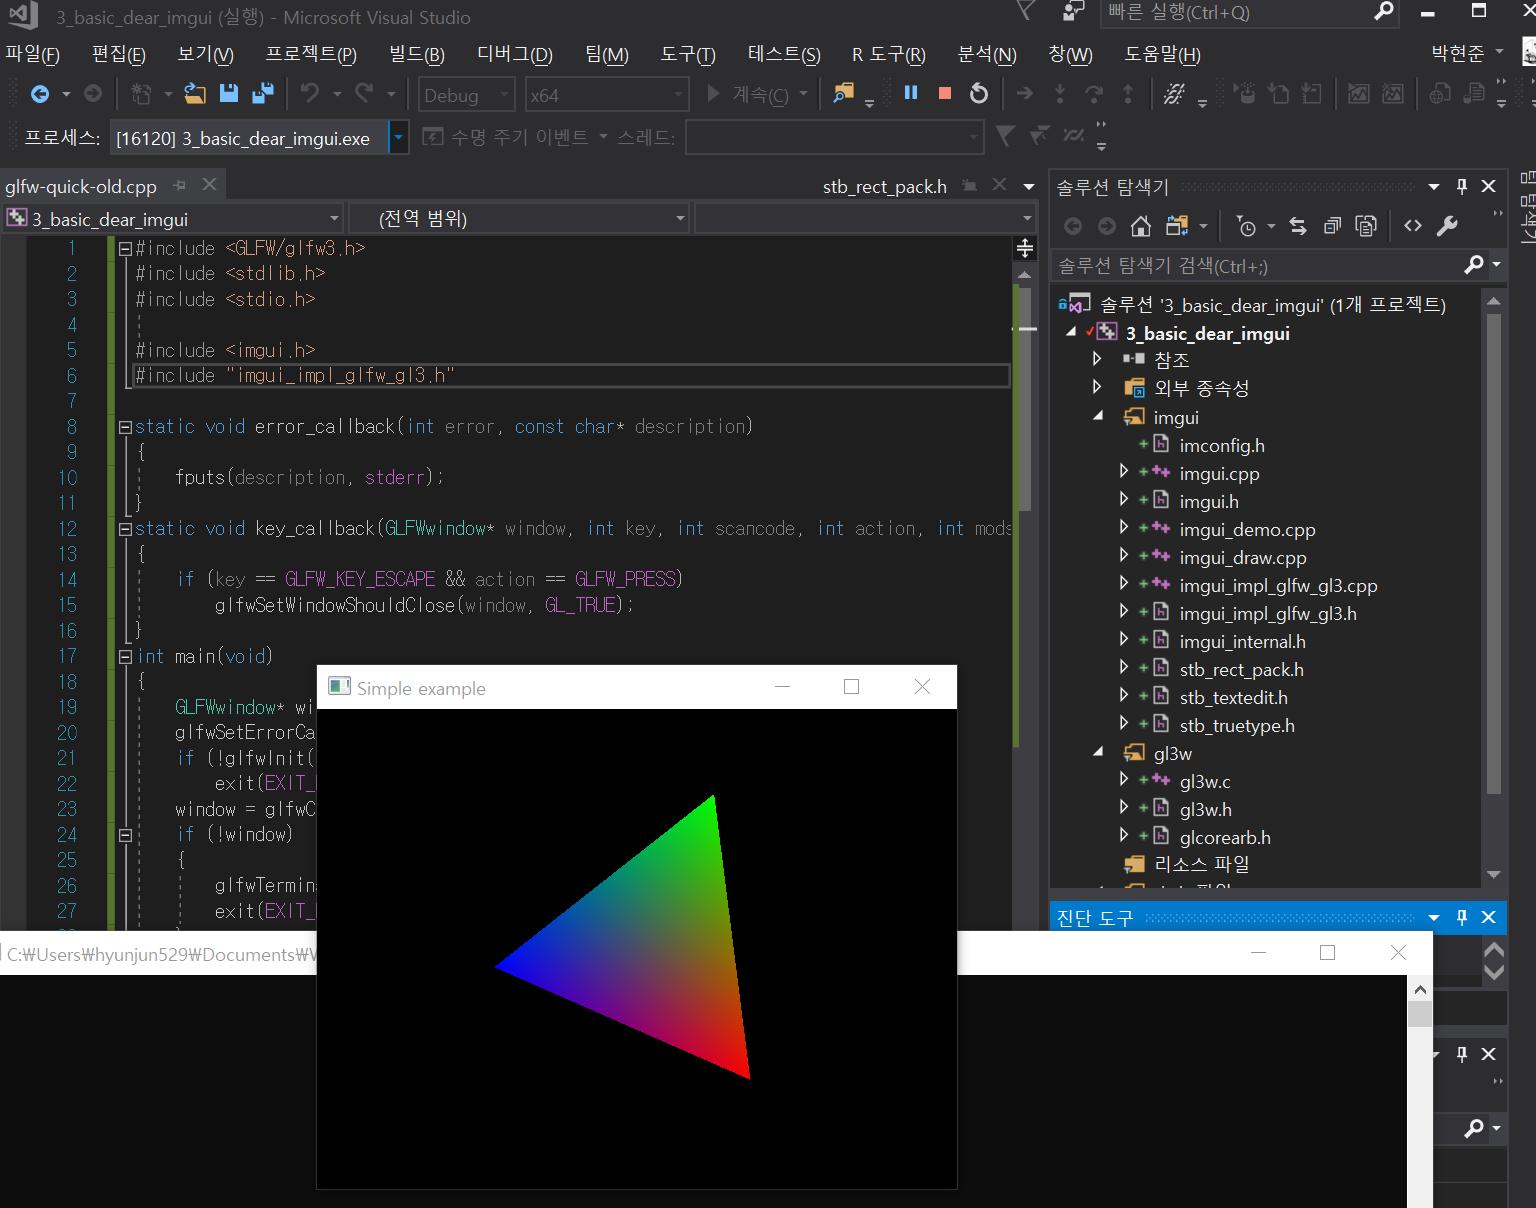 3D 삽질-B지부: GLFW 사용 방법 정리 (Windows 10, Visual